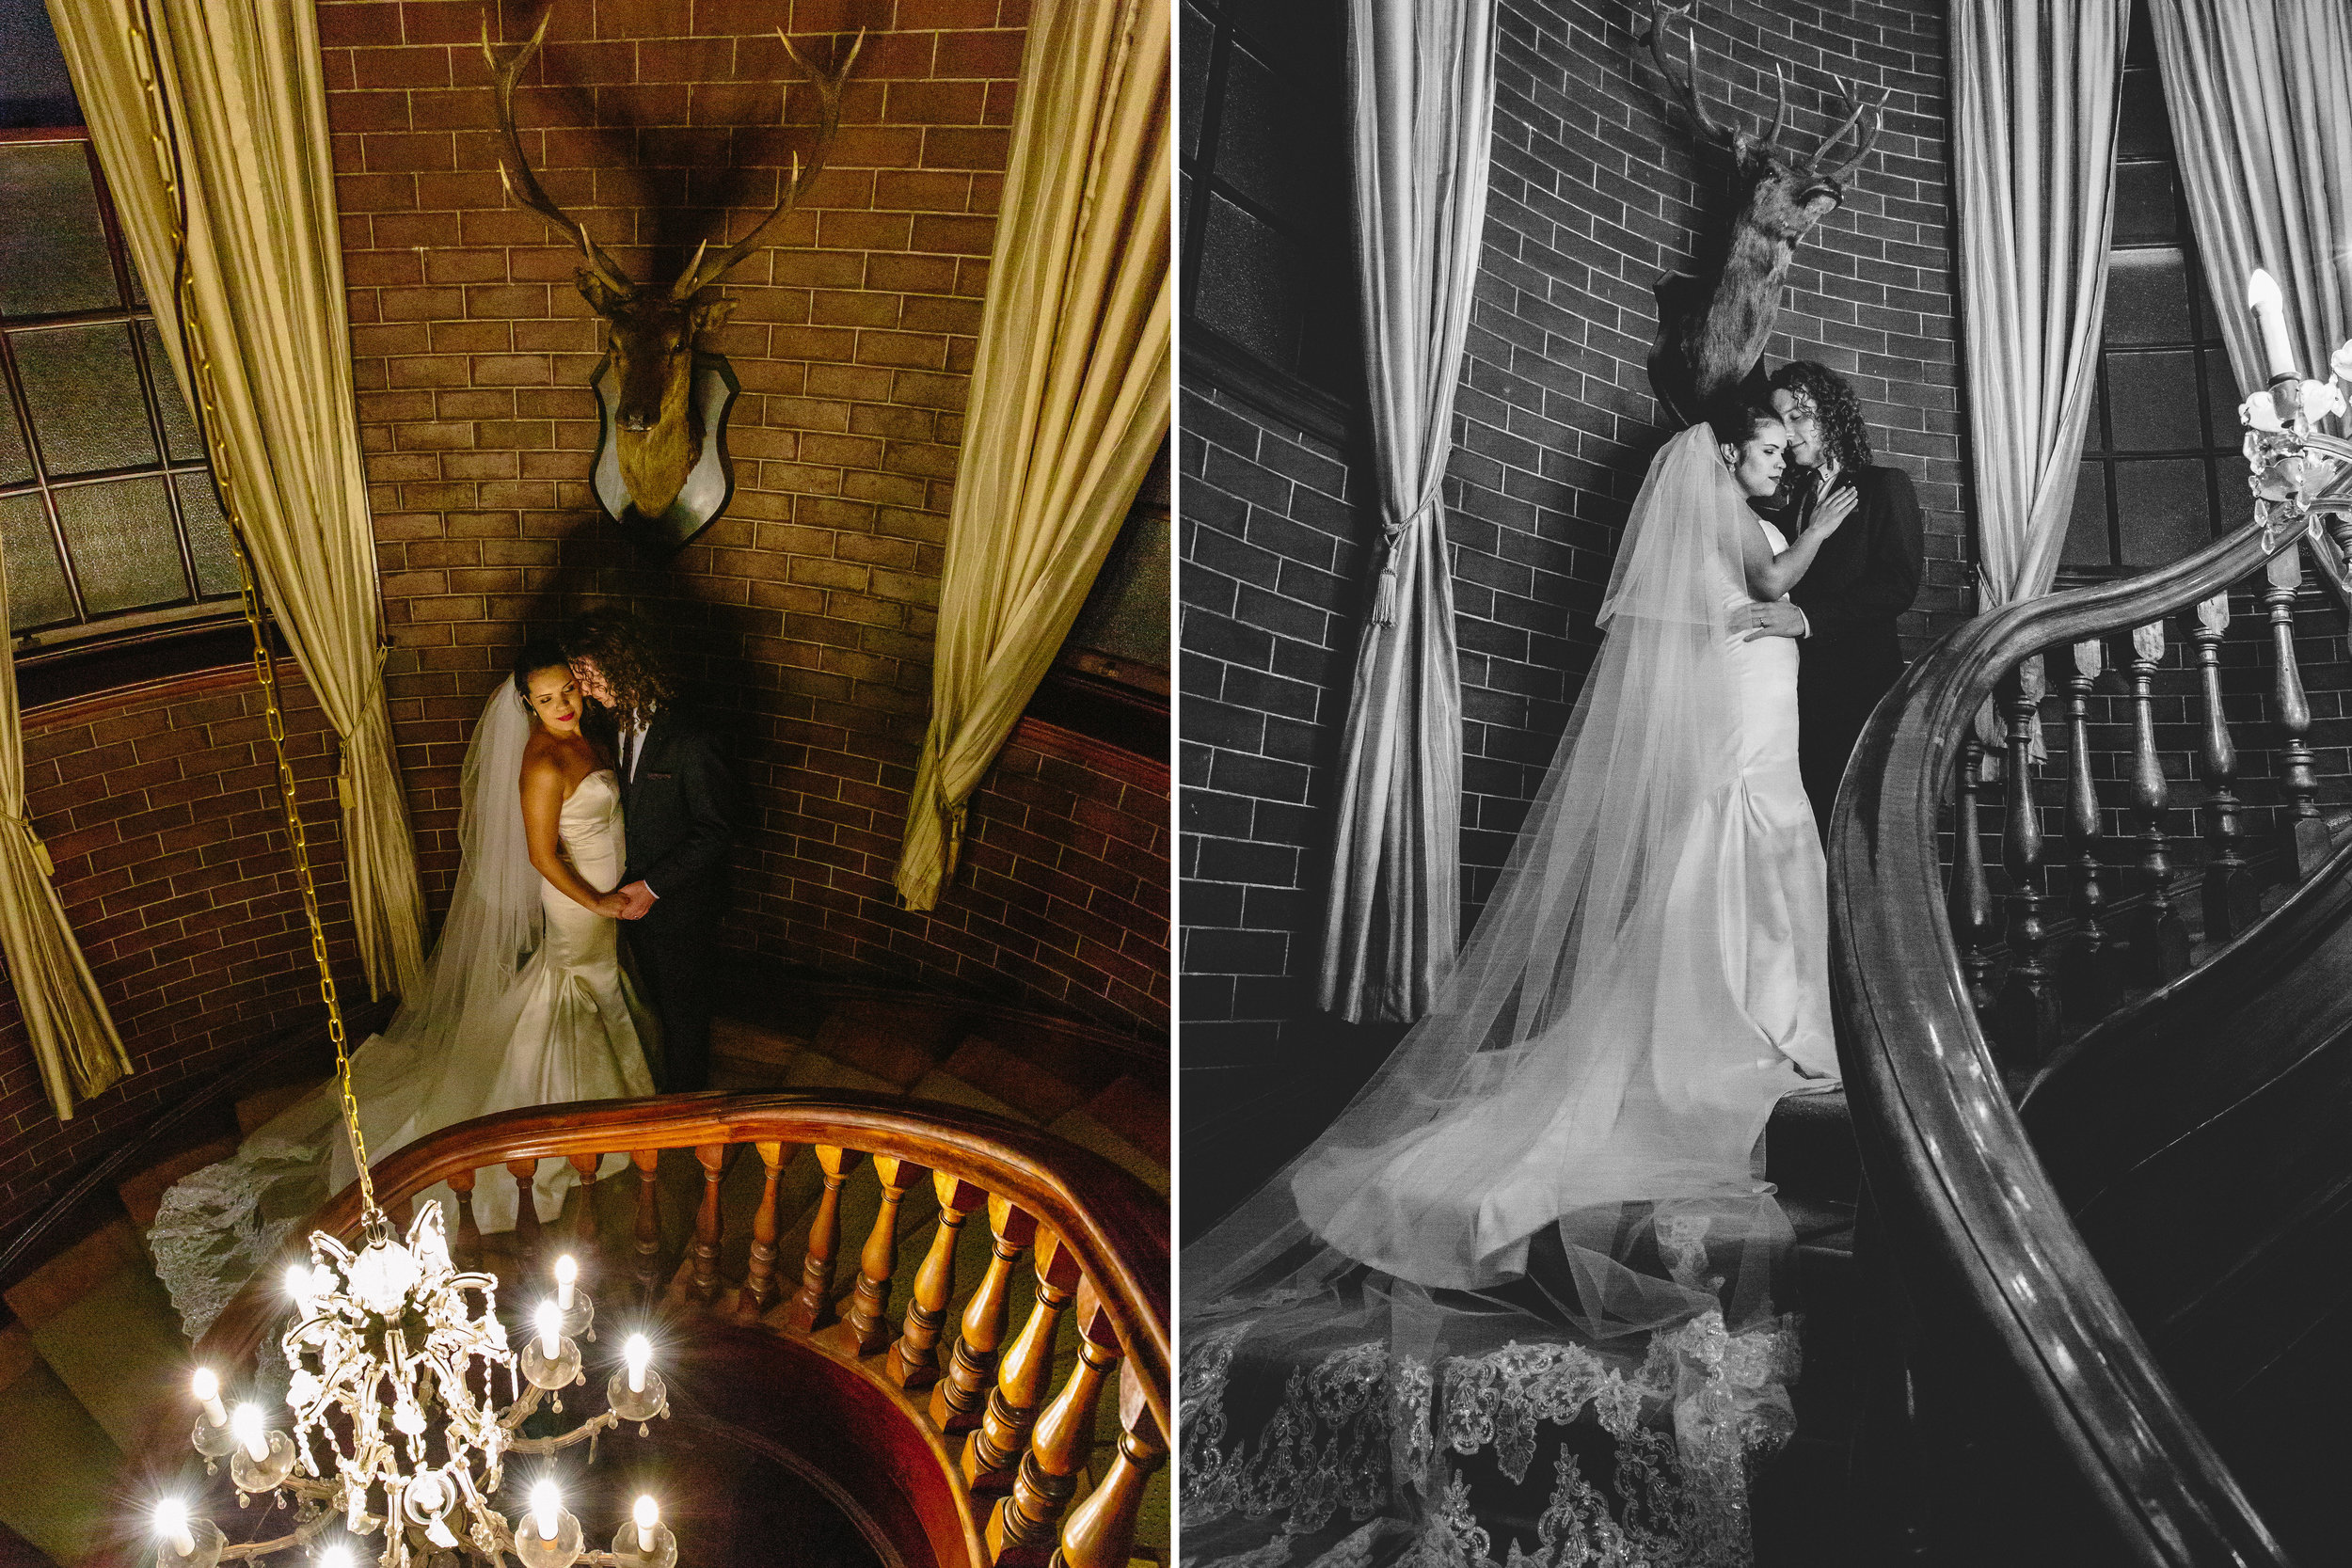 Lachlan-Jordan-Photography-4802-2.jpg